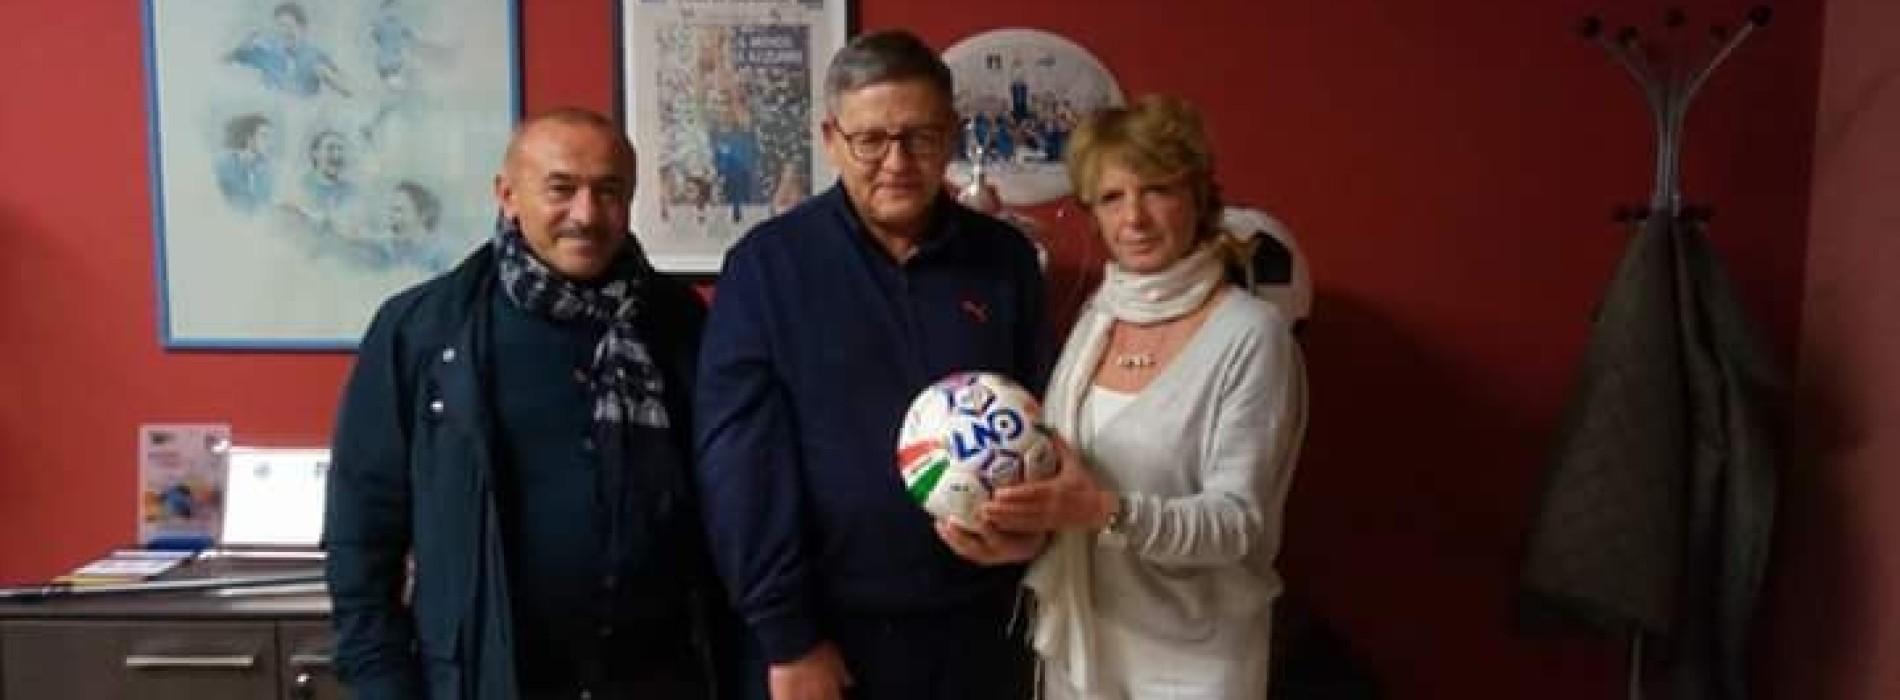 Calcio a 11 femminile, Filomena Bifulco nominata delegata provinciale di Matera